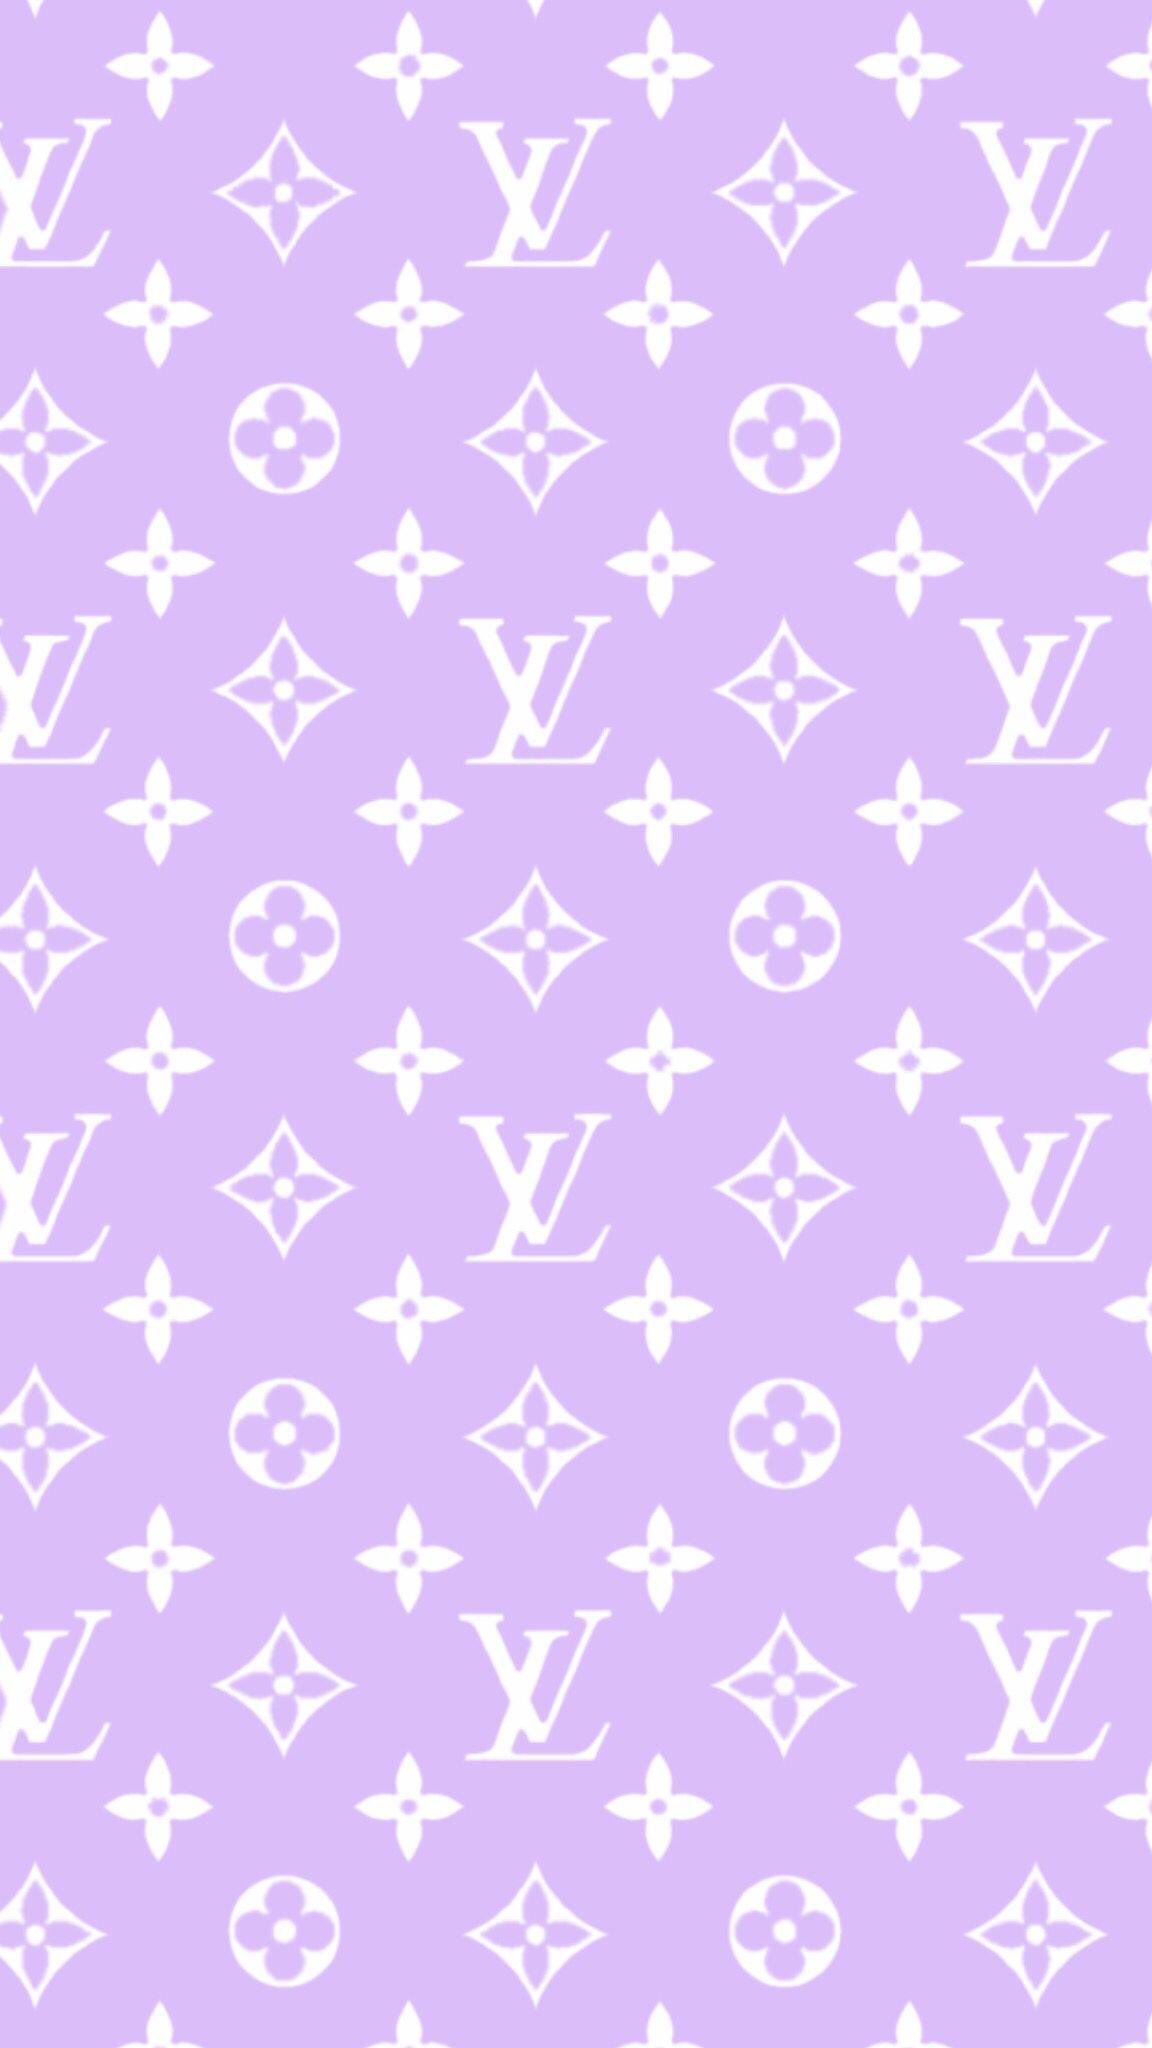 Vsco Wallpaper Home Screen Vsco 2 In 2020 Aesthetic Iphone Wallpaper Pink Wallpaper Iphone Retro Wallpaper